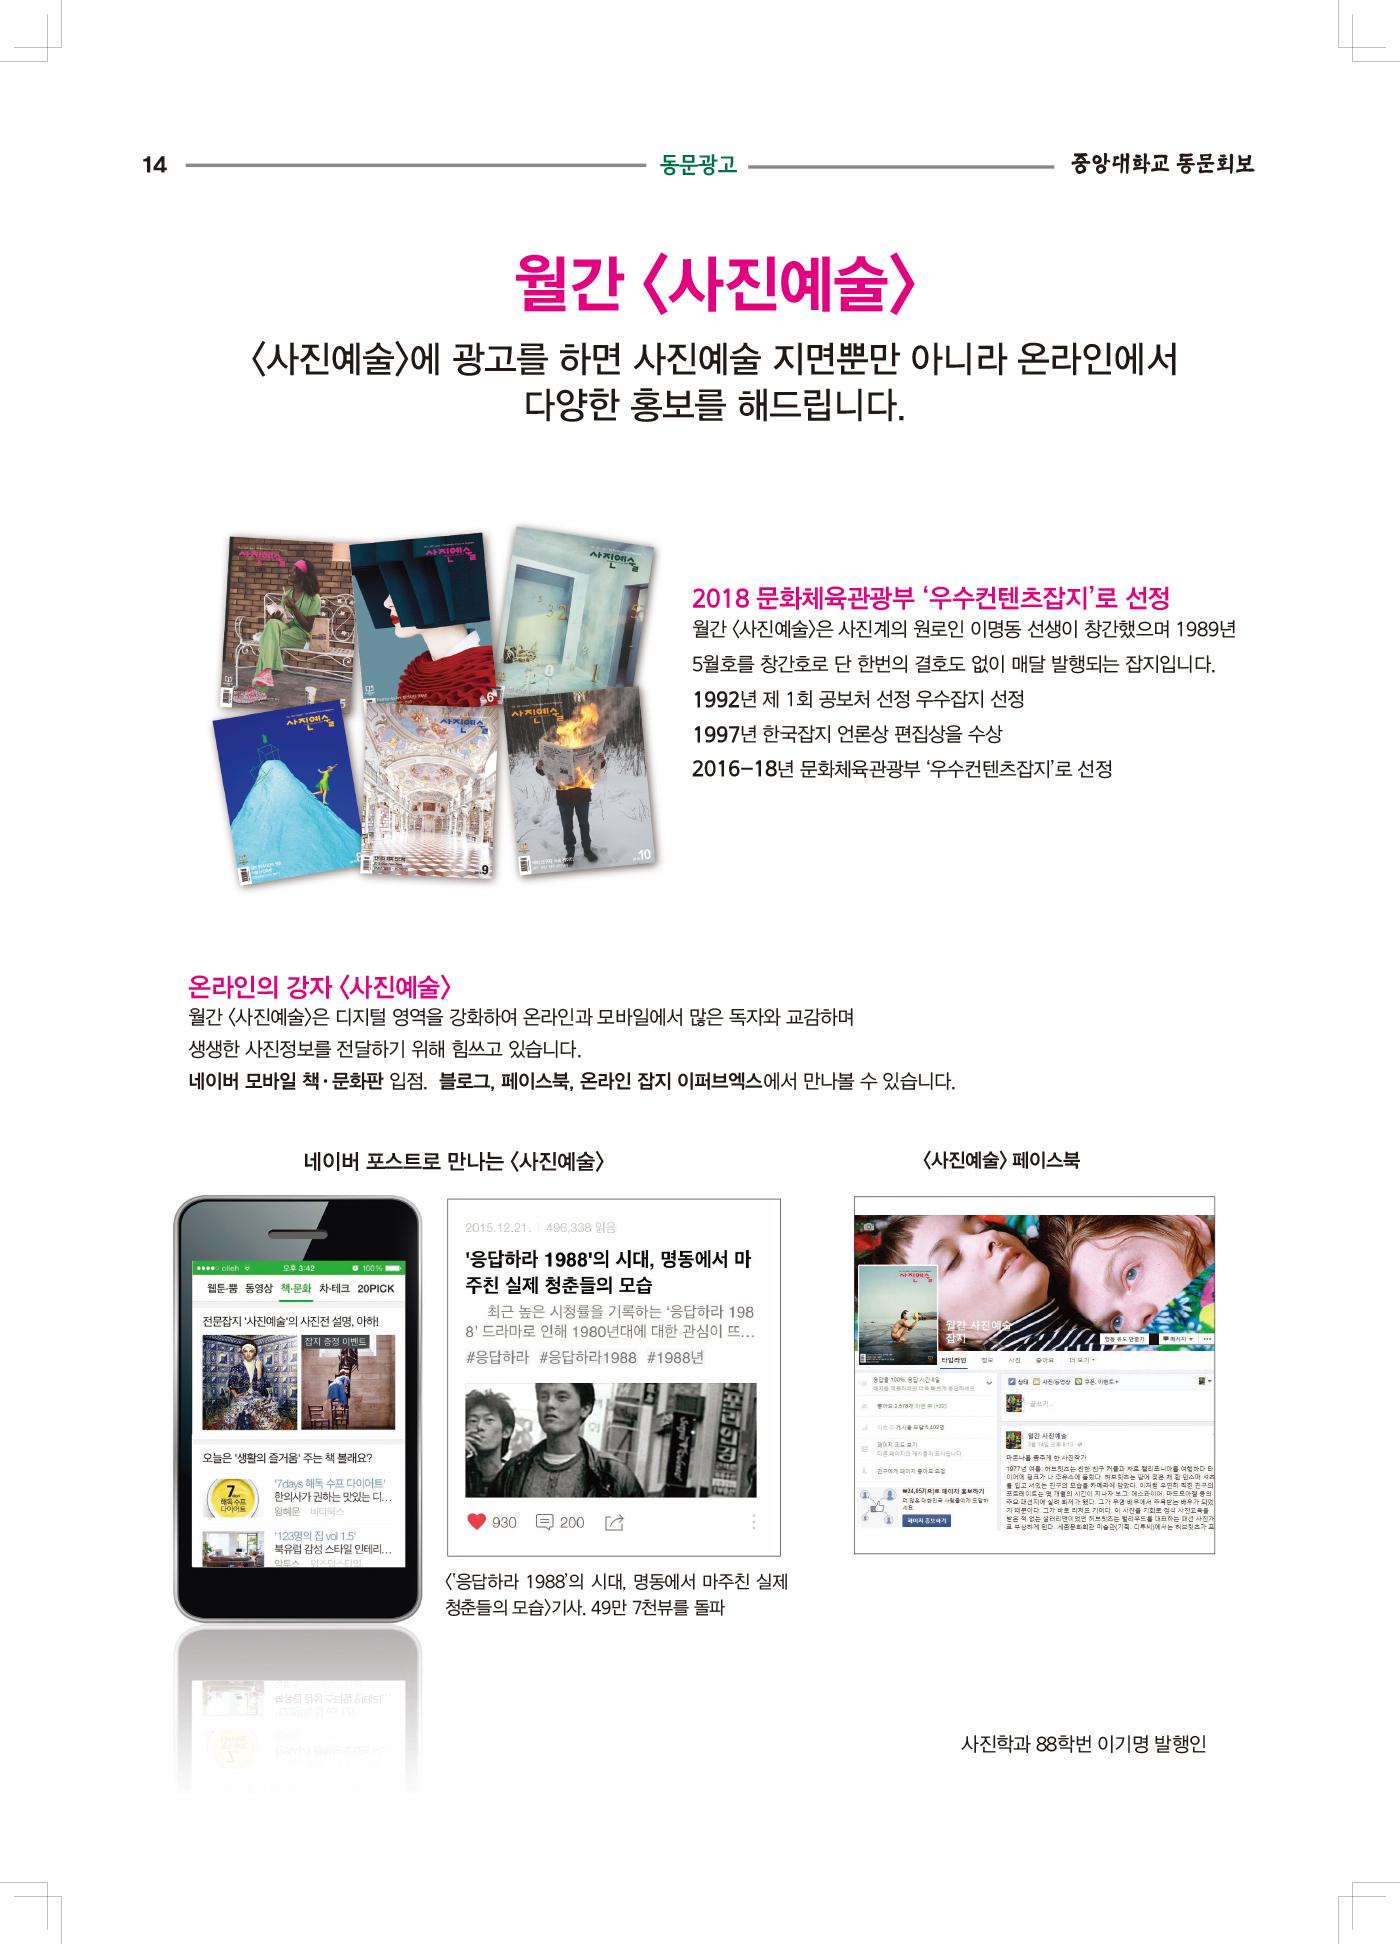 중앙대학교동문318호회보-14.jpg